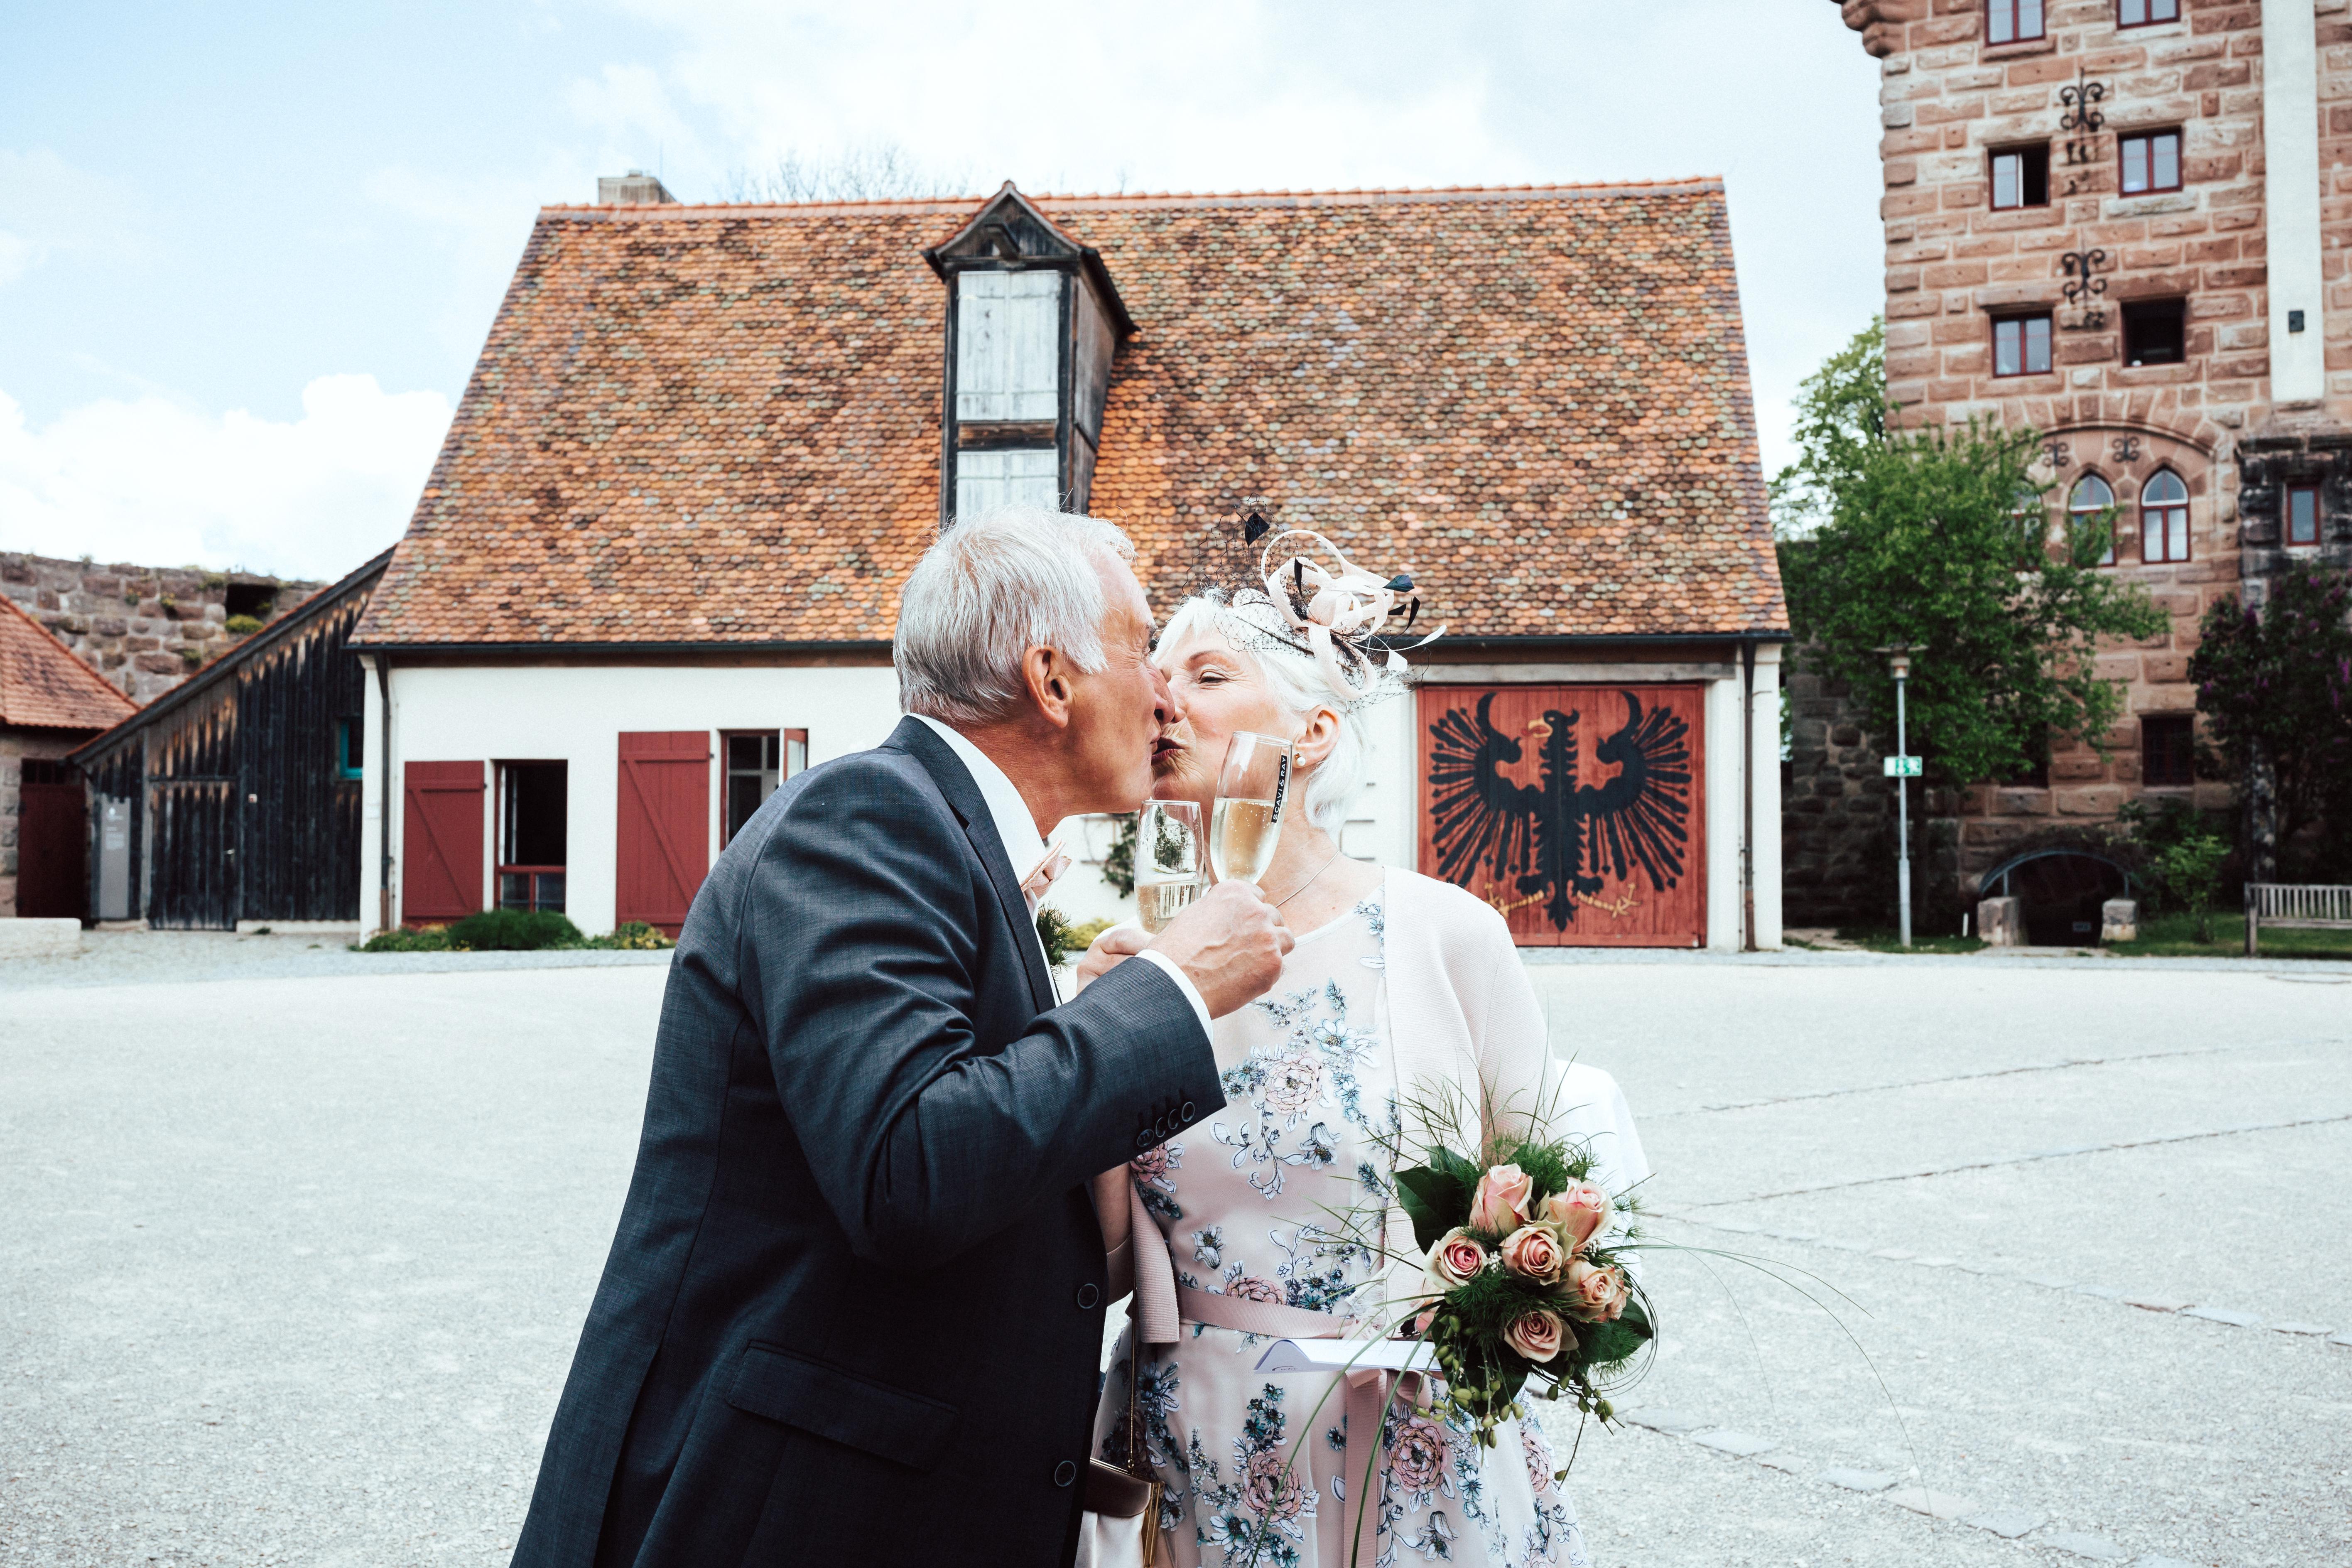 URBANERIE_Hochzeitsfotografin_Nürnberg_Fürth_Erlangen_Schwabach_170513_1700170170